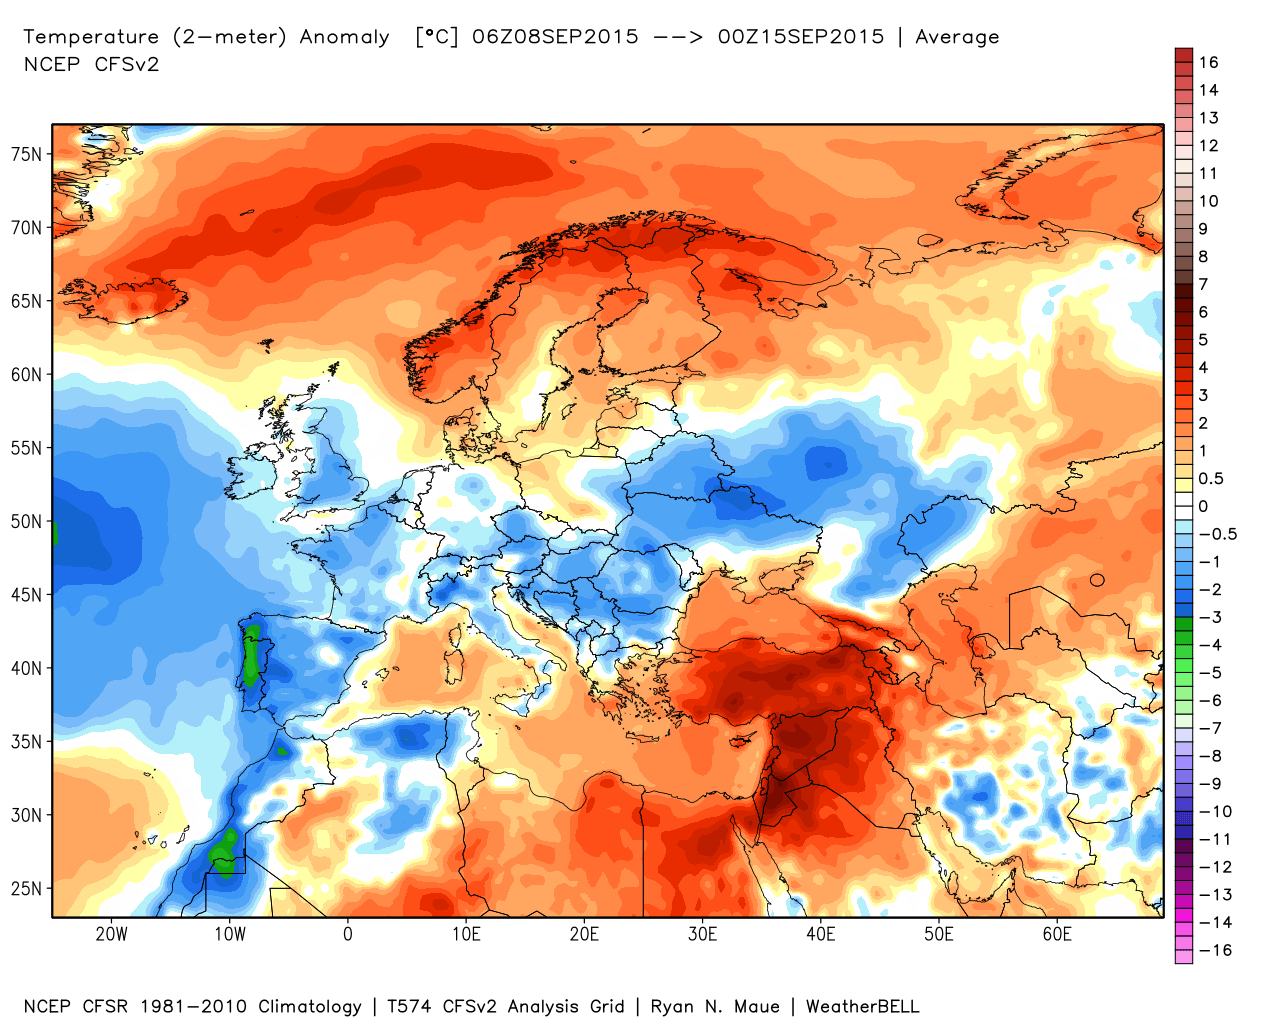 Le anomalie termiche della seconda settimana di settembre.